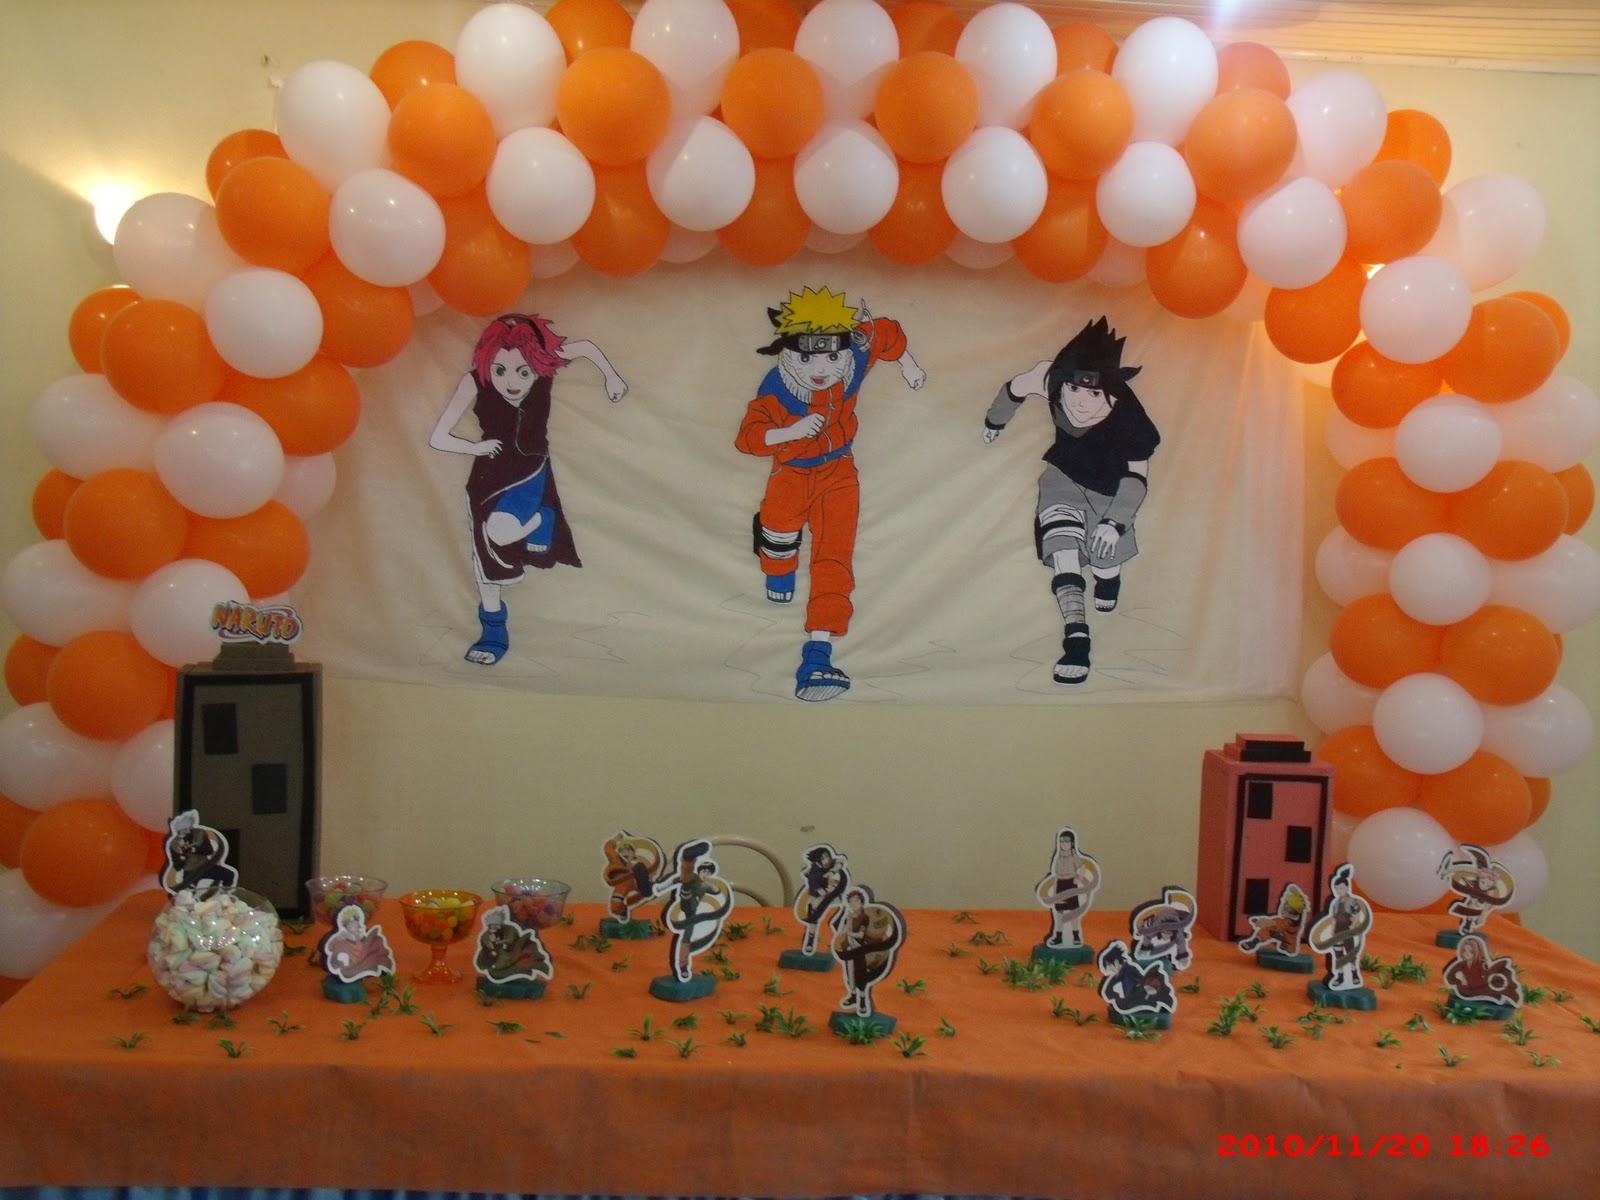 decoracao festa naruto:Nara Artes Decorações: Decoração do Naruto